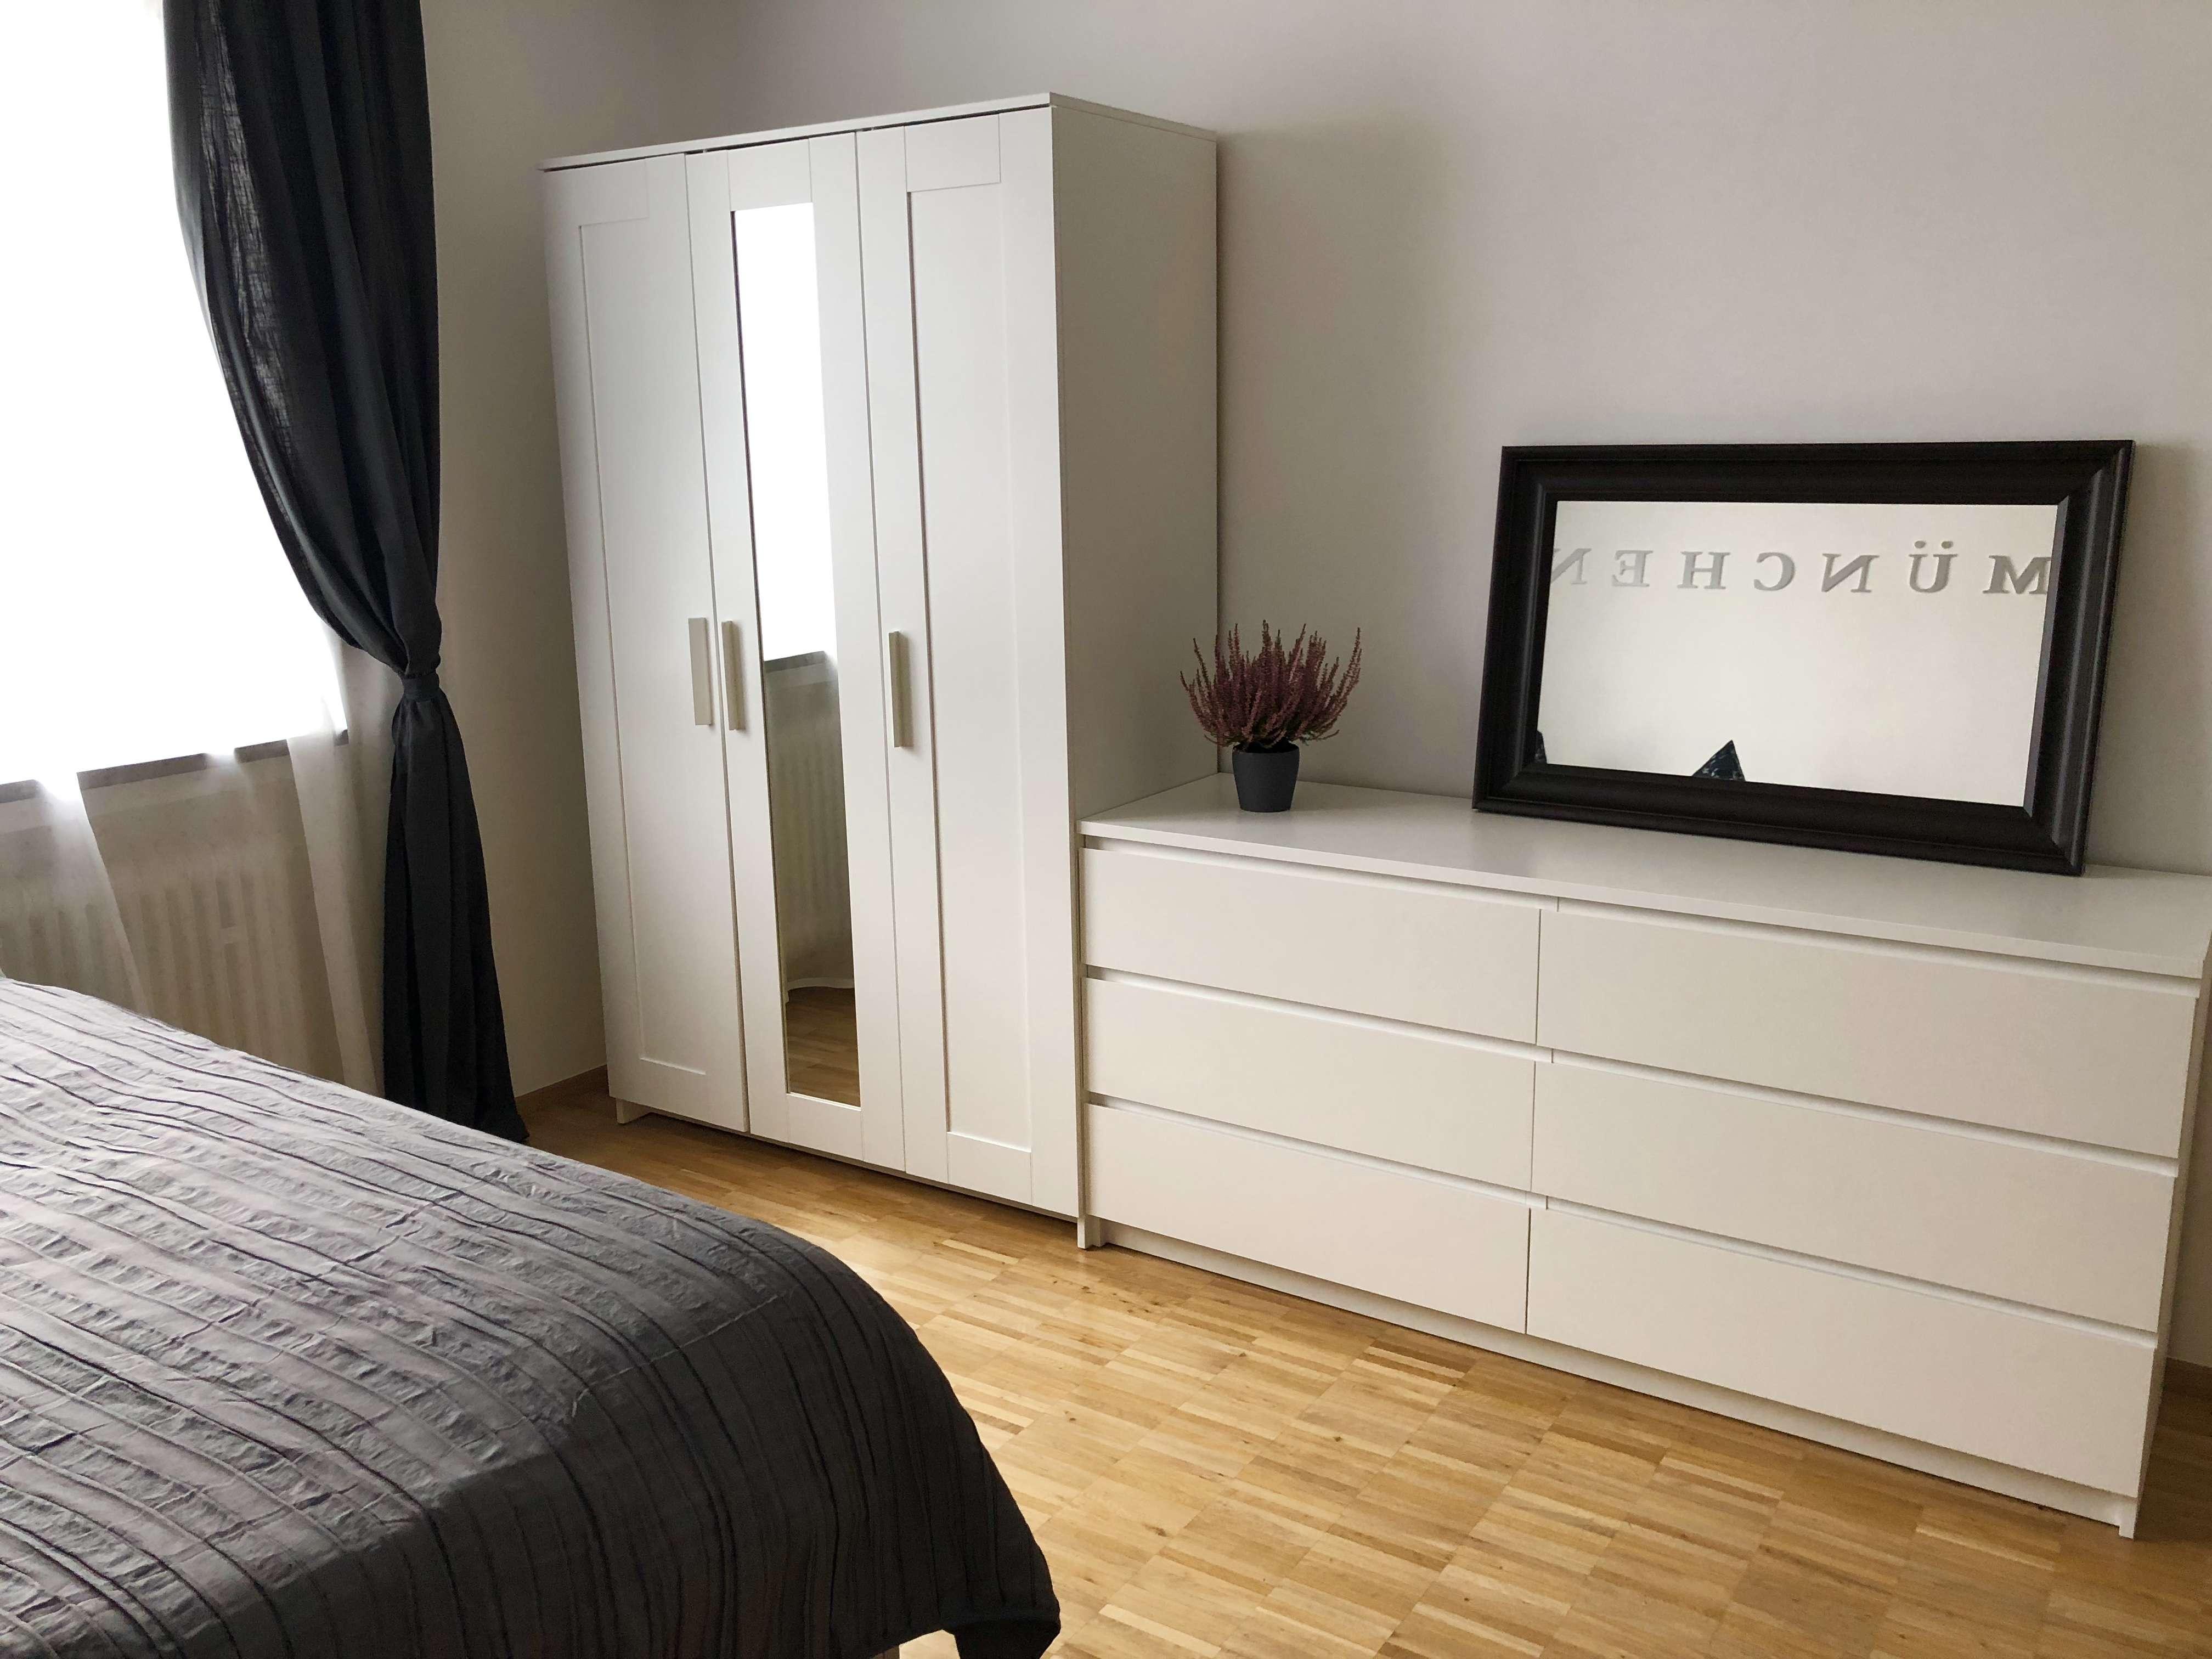 Exklusive voll möblierte 1-Zimmer-Wohnung mit EBK zum 1. Januar 2020 in Ludwigsvorstadt-Isarvorstadt (München)